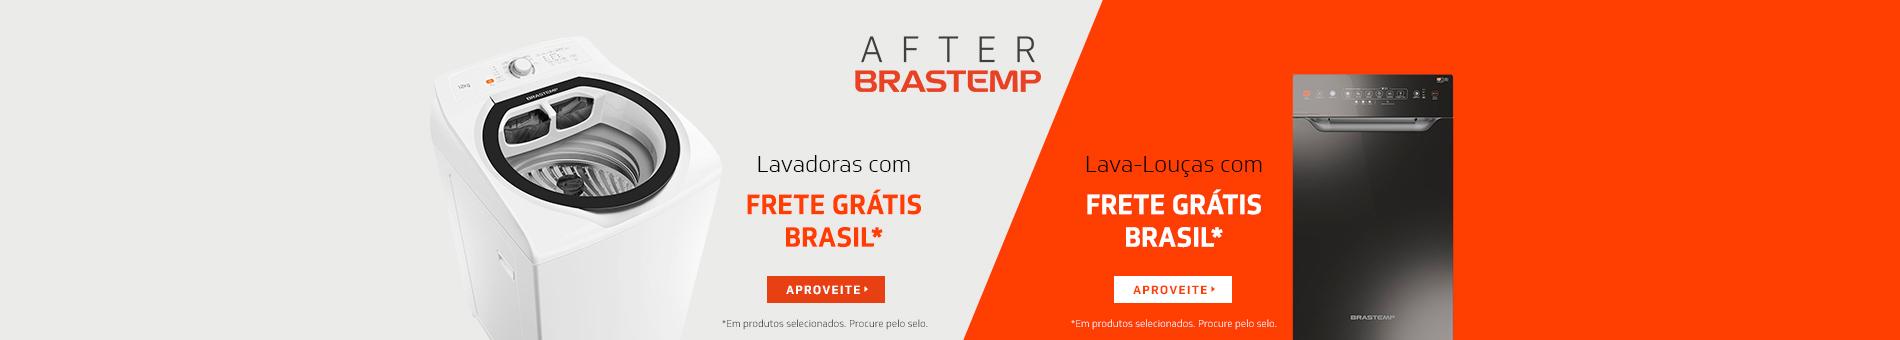 Promoção Interna - 2174 - cam-after_lavadoras-louça-duplo_9022018_home5 - lavadoras-louça-duplo - 5